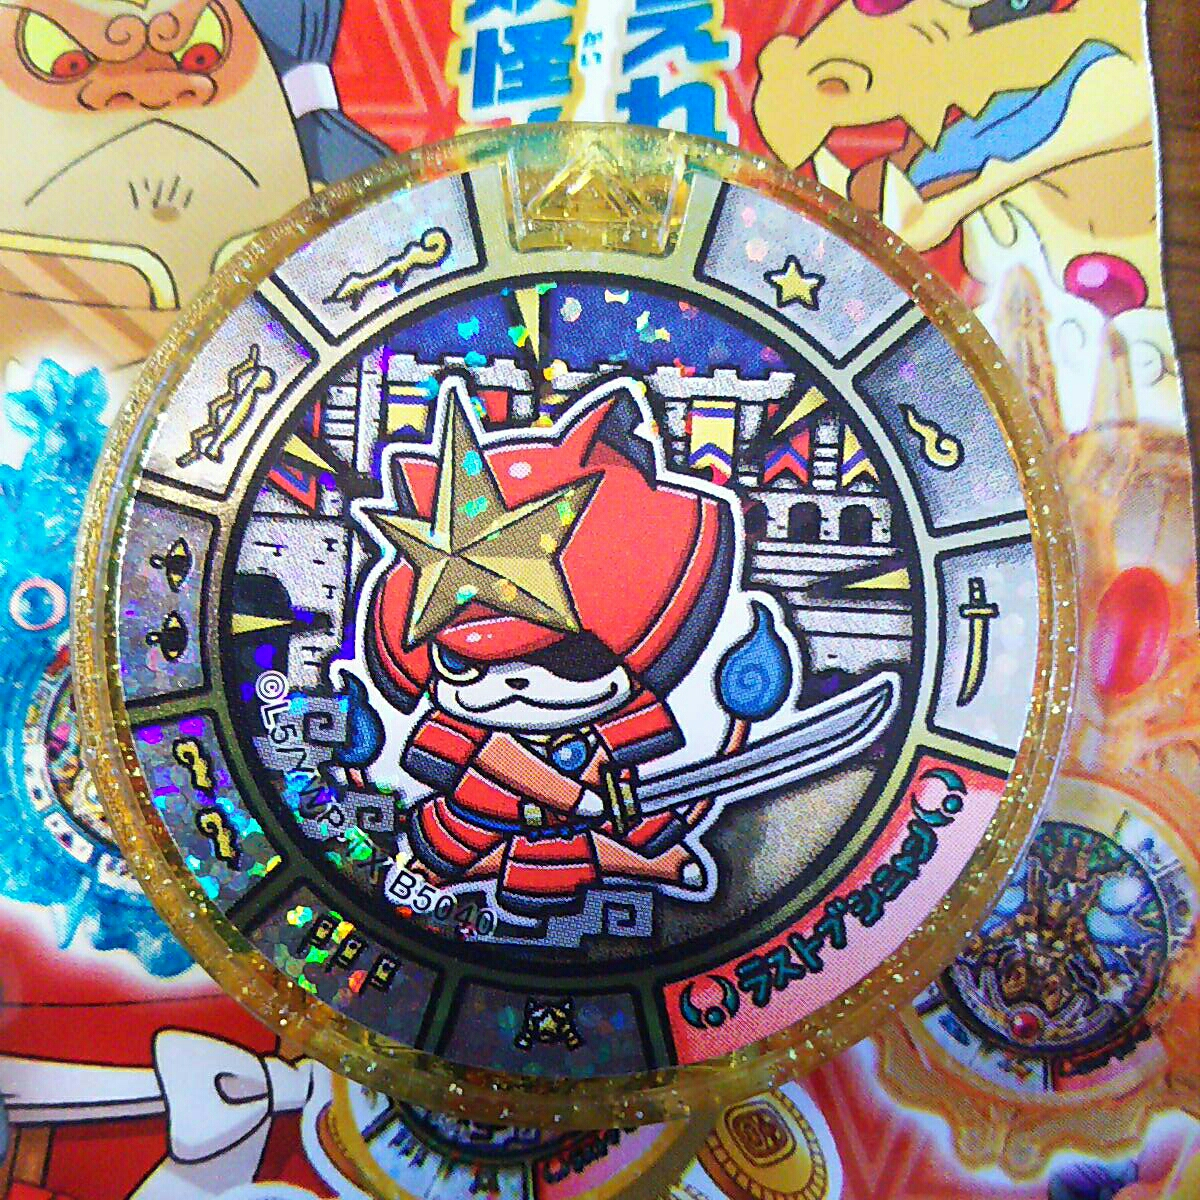 妖怪メダルトレジャー02★レジェンドTメダル★ラストブシニャン★新品未登録★送料62円★